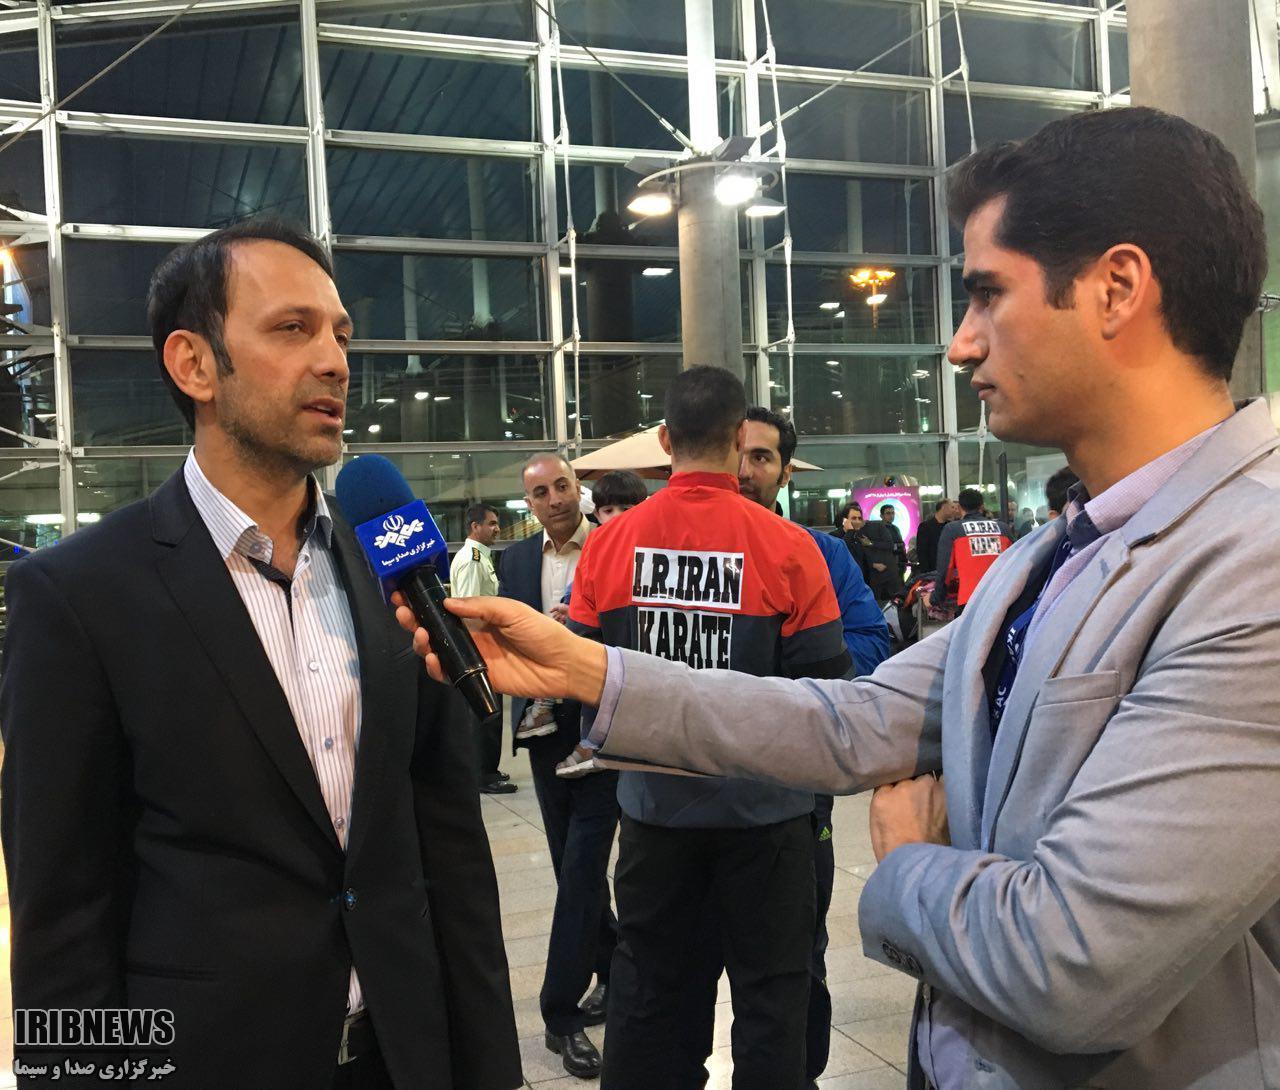 هروی: تیم ملی کاراته ملک شخصیام نیست